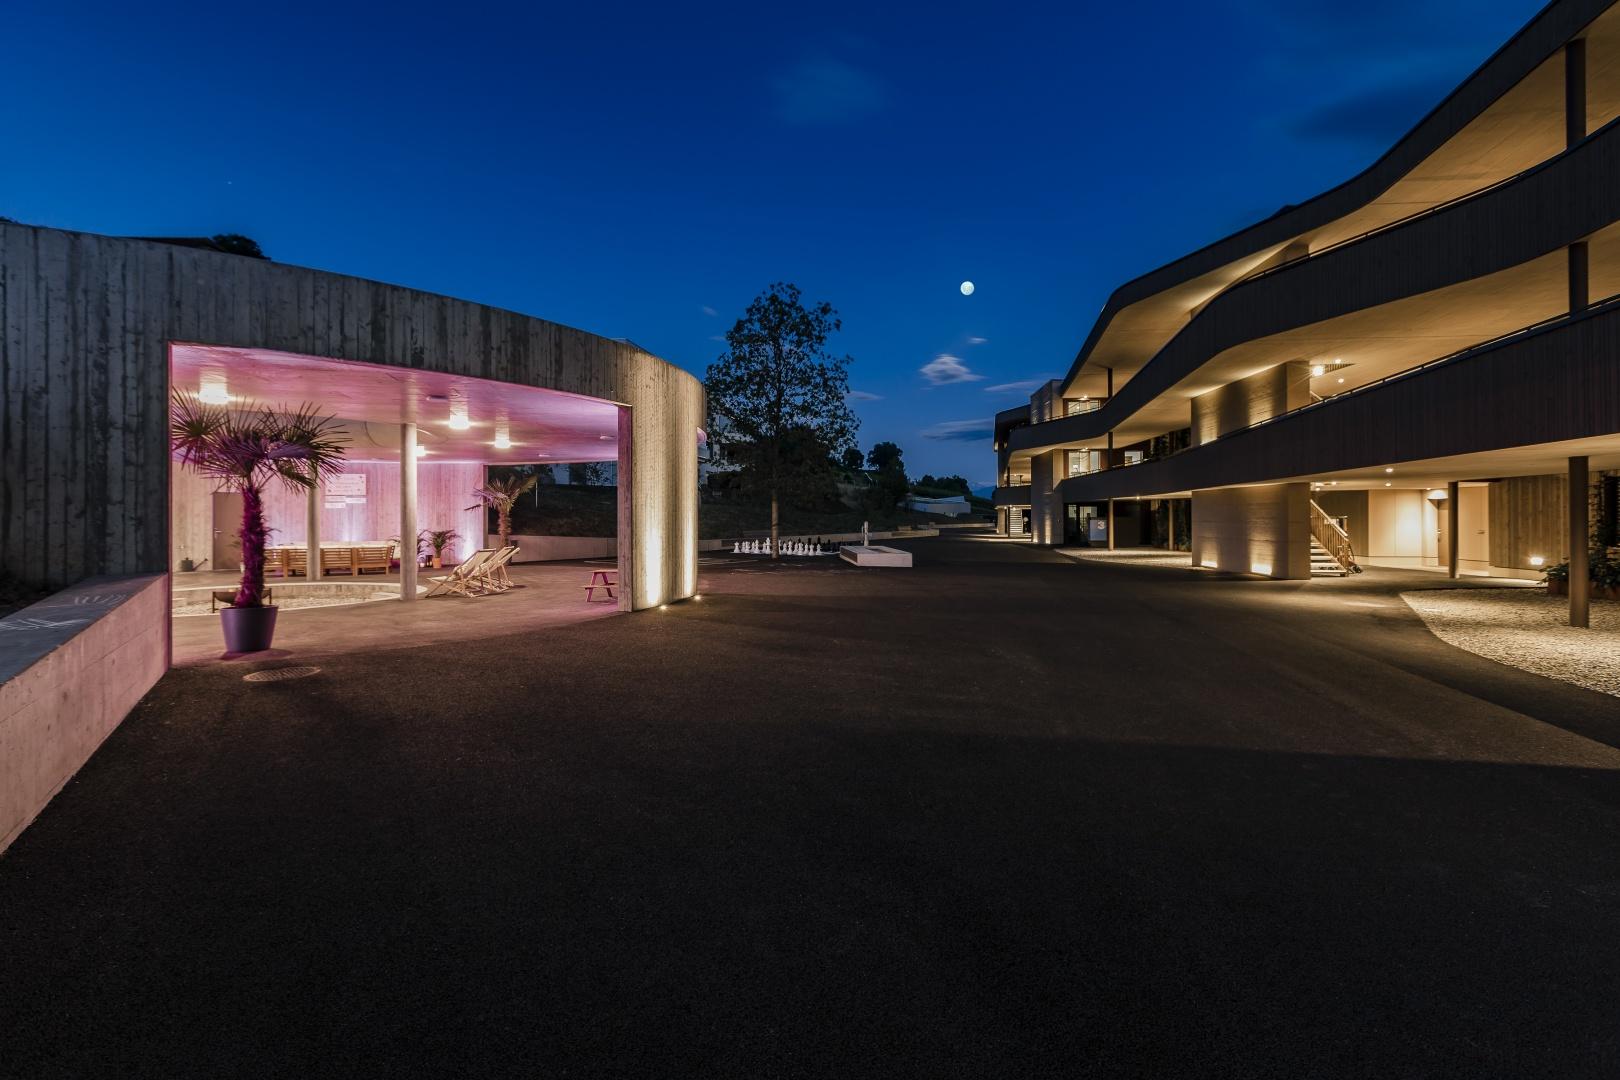 Rückansicht mit Pavillon bei Dämmerung © IMAGESTUDIO | philipp koch photography